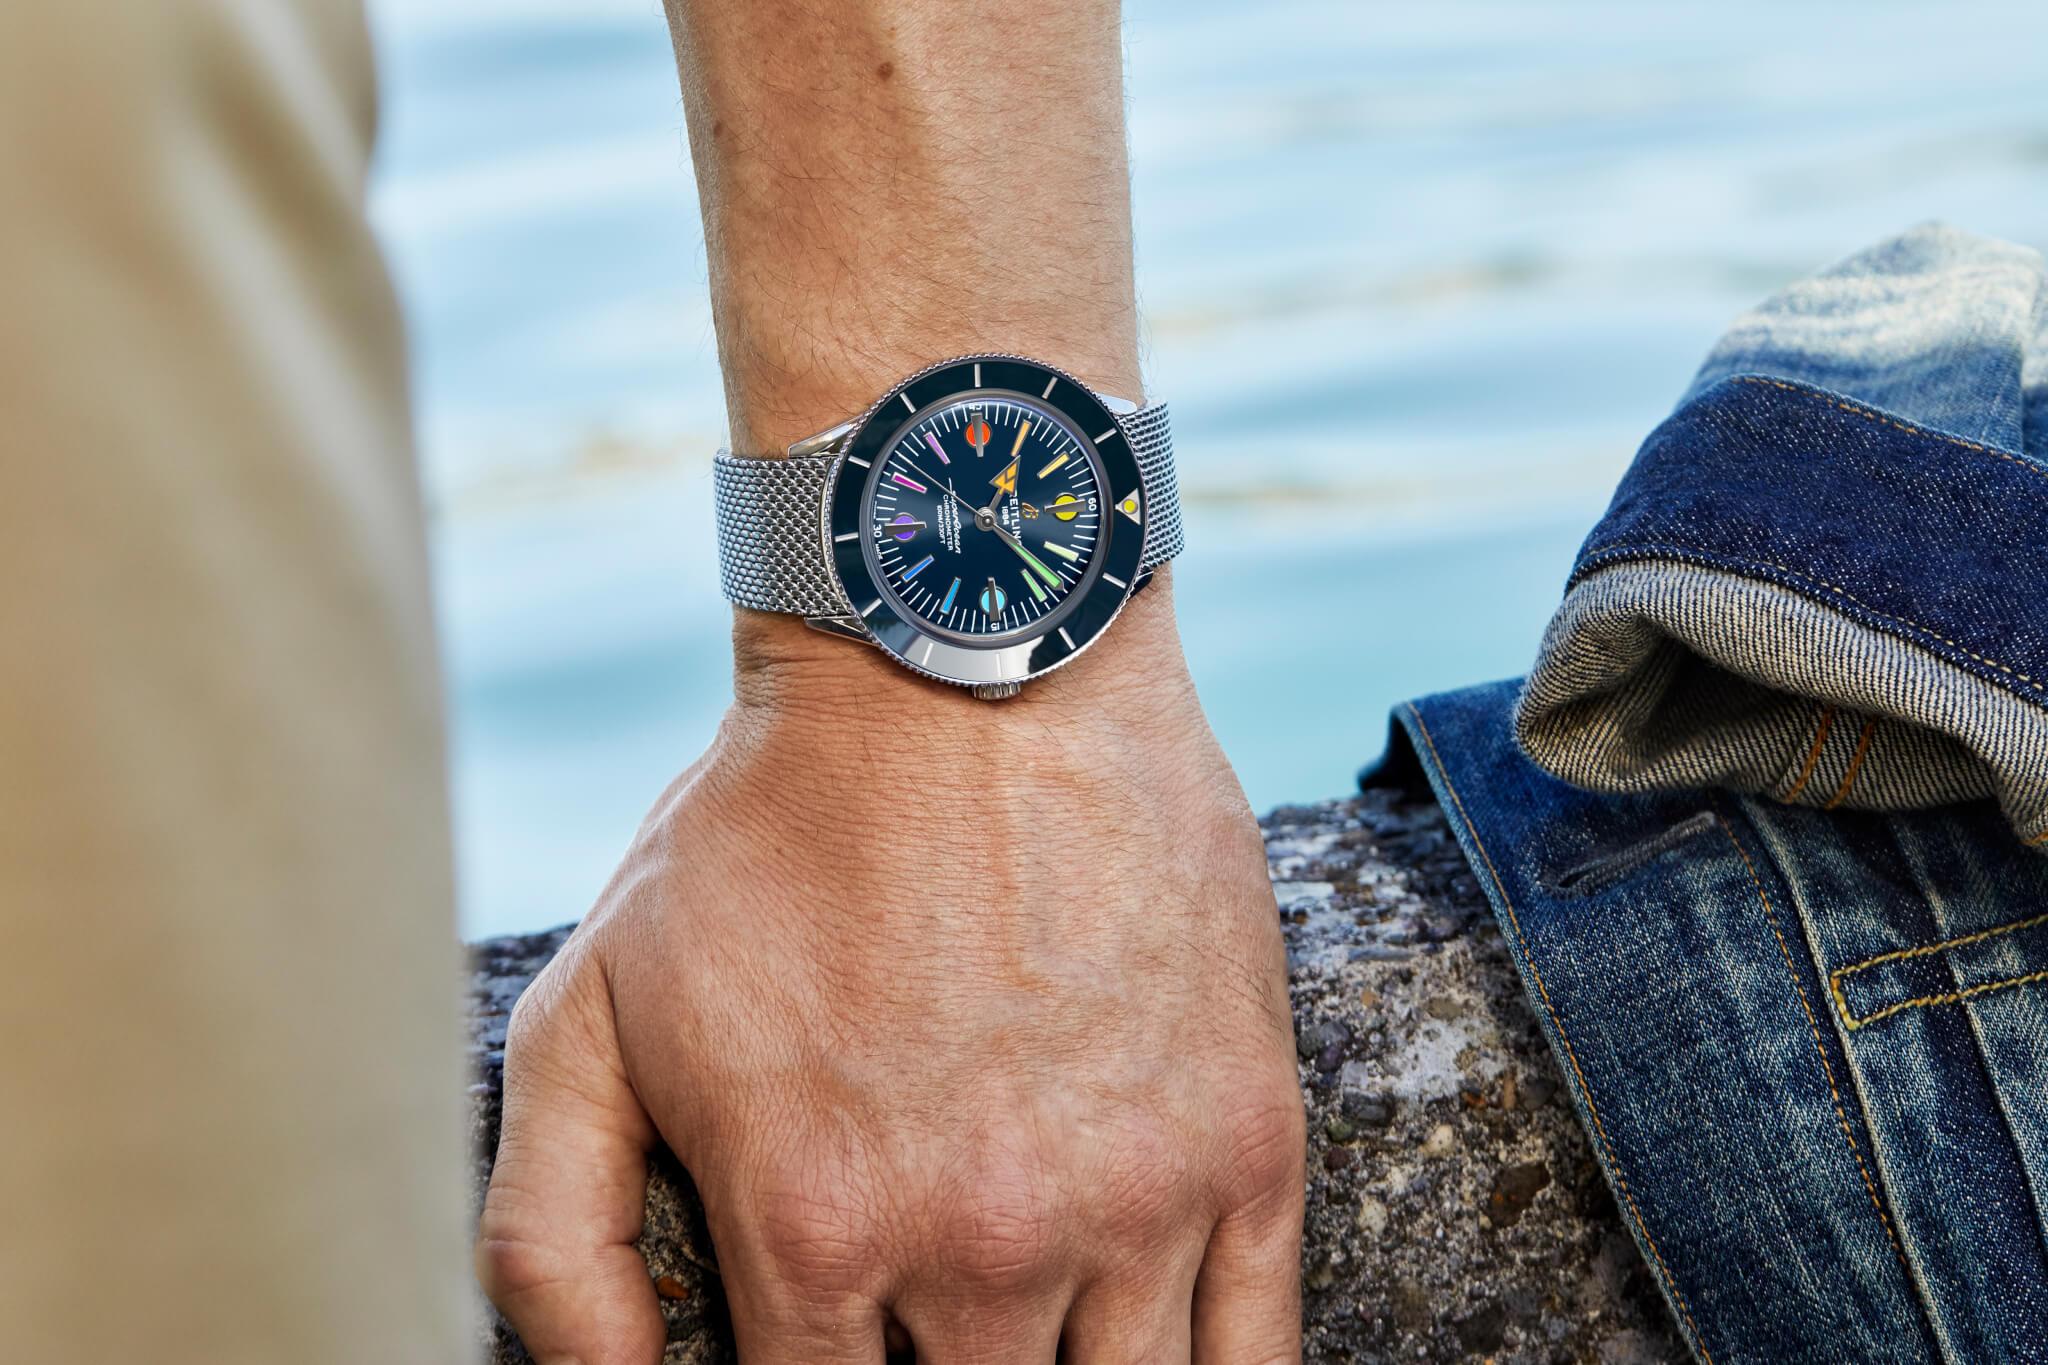 腕錶除了搭配金棕色復古皮革錶帶,亦能換上蝴蝶扣一體成型Ocean Classic精鋼錶鍊。